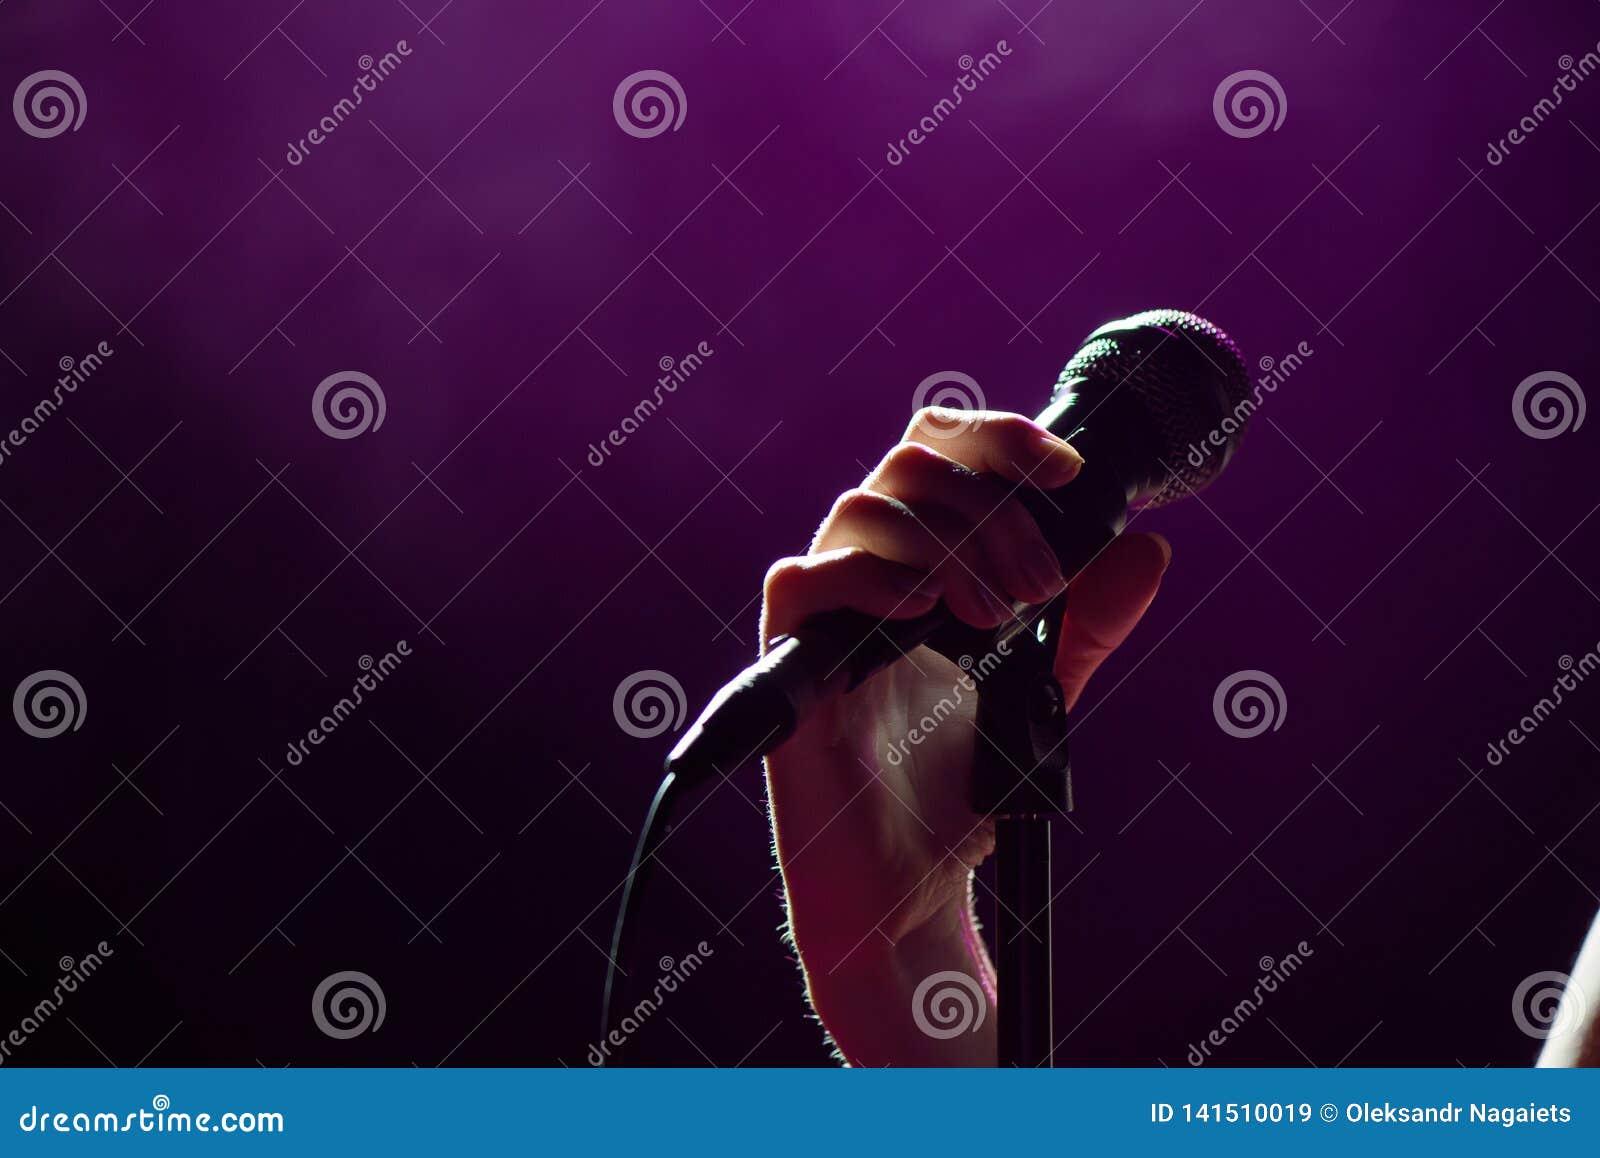 Διαθέσιμος τραγουδιστής χεριών μικροφώνων στη σκηνή Ανασκόπηση ζωντανής μουσικής Φω τα μικροφώνων και σταδίων